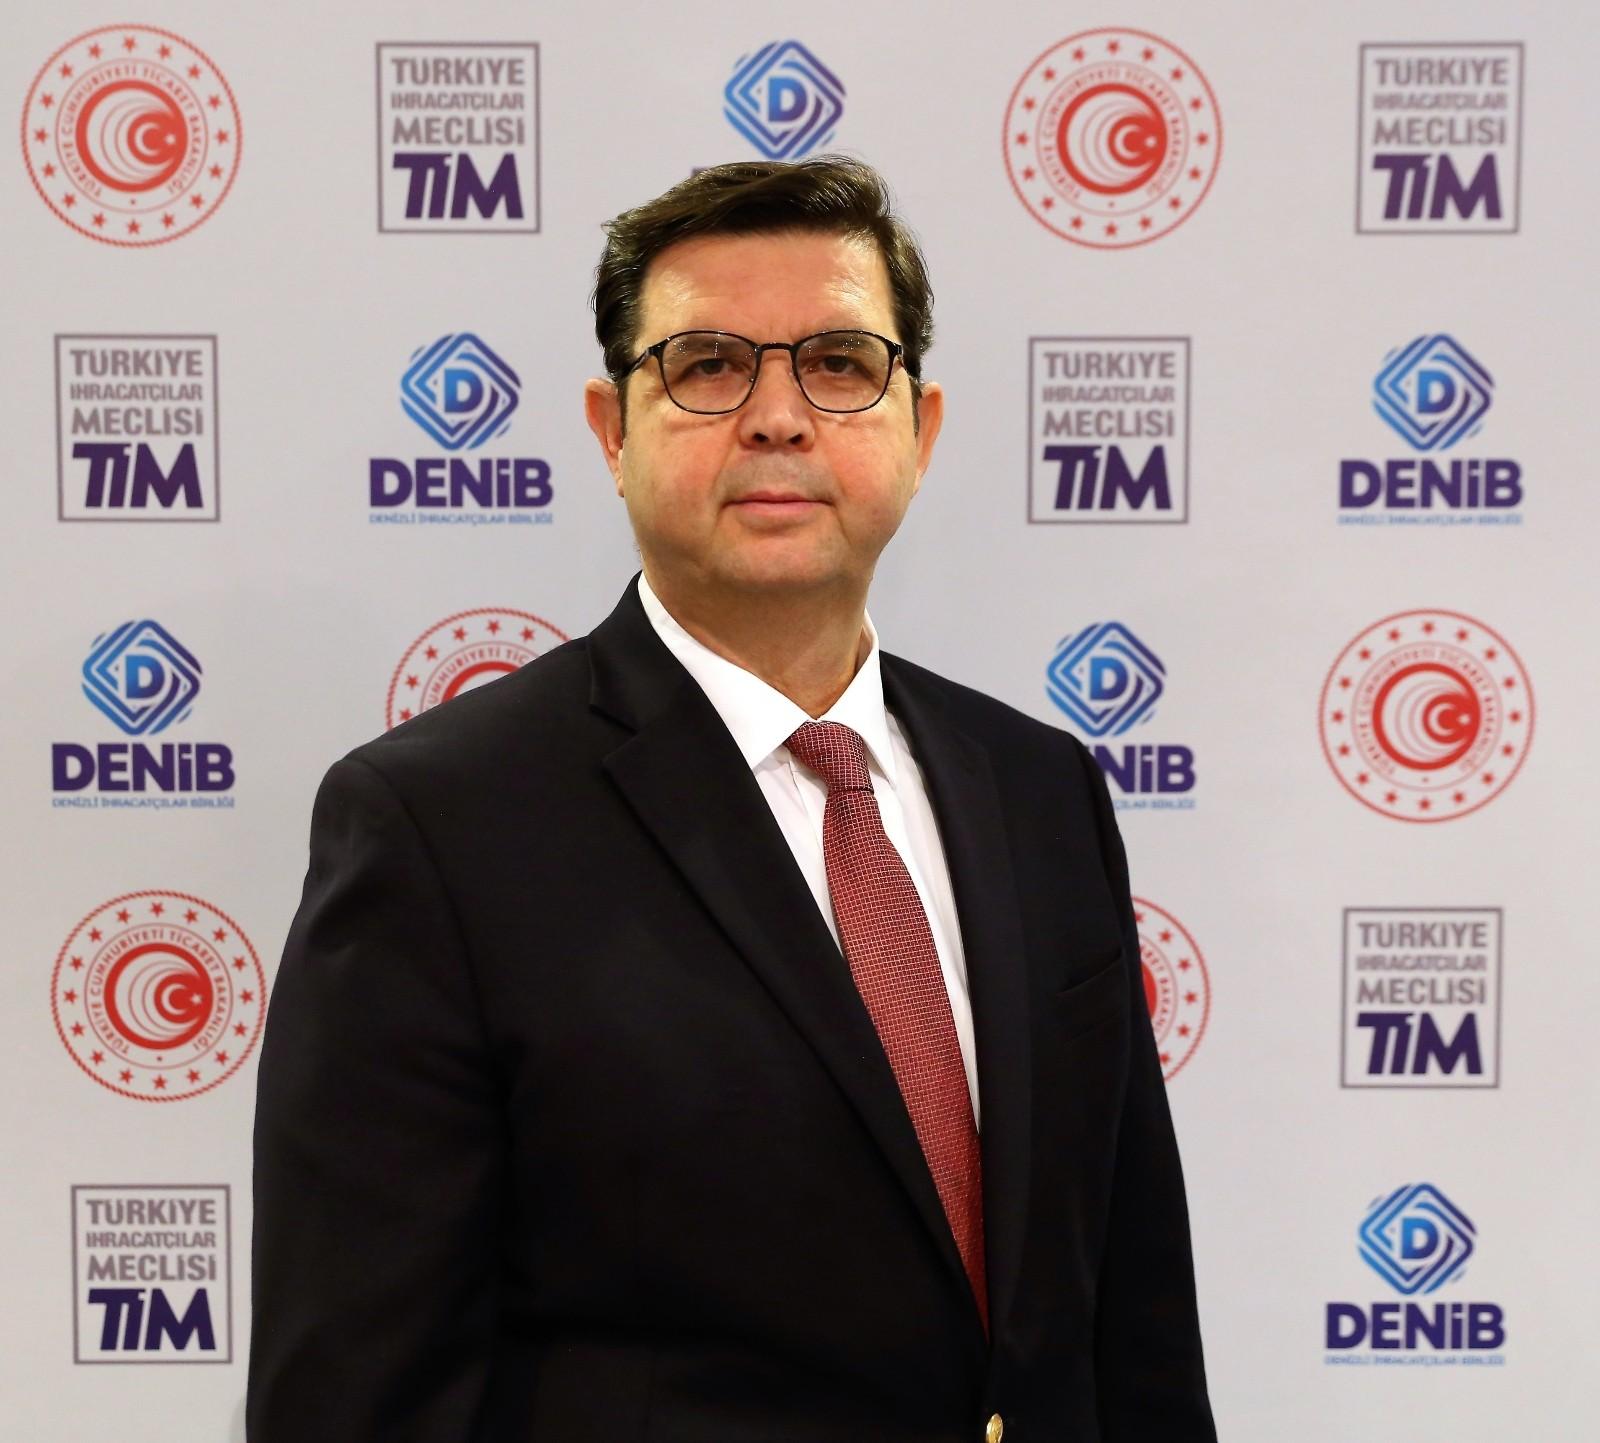 DENİB'in ihracat rekorları devam ediyor